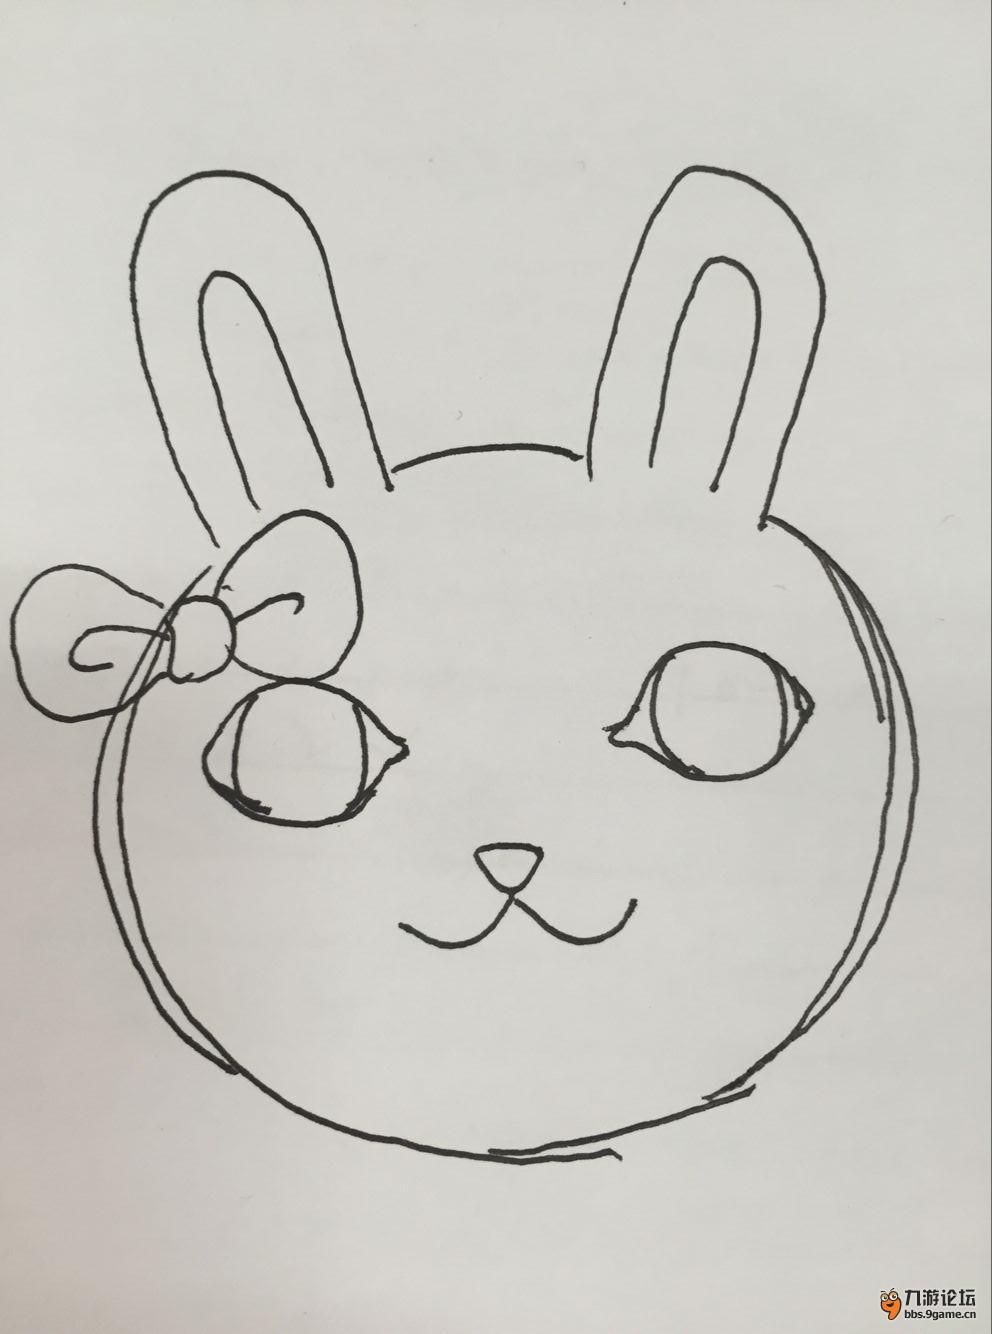 可爱的小兔子简笔图画